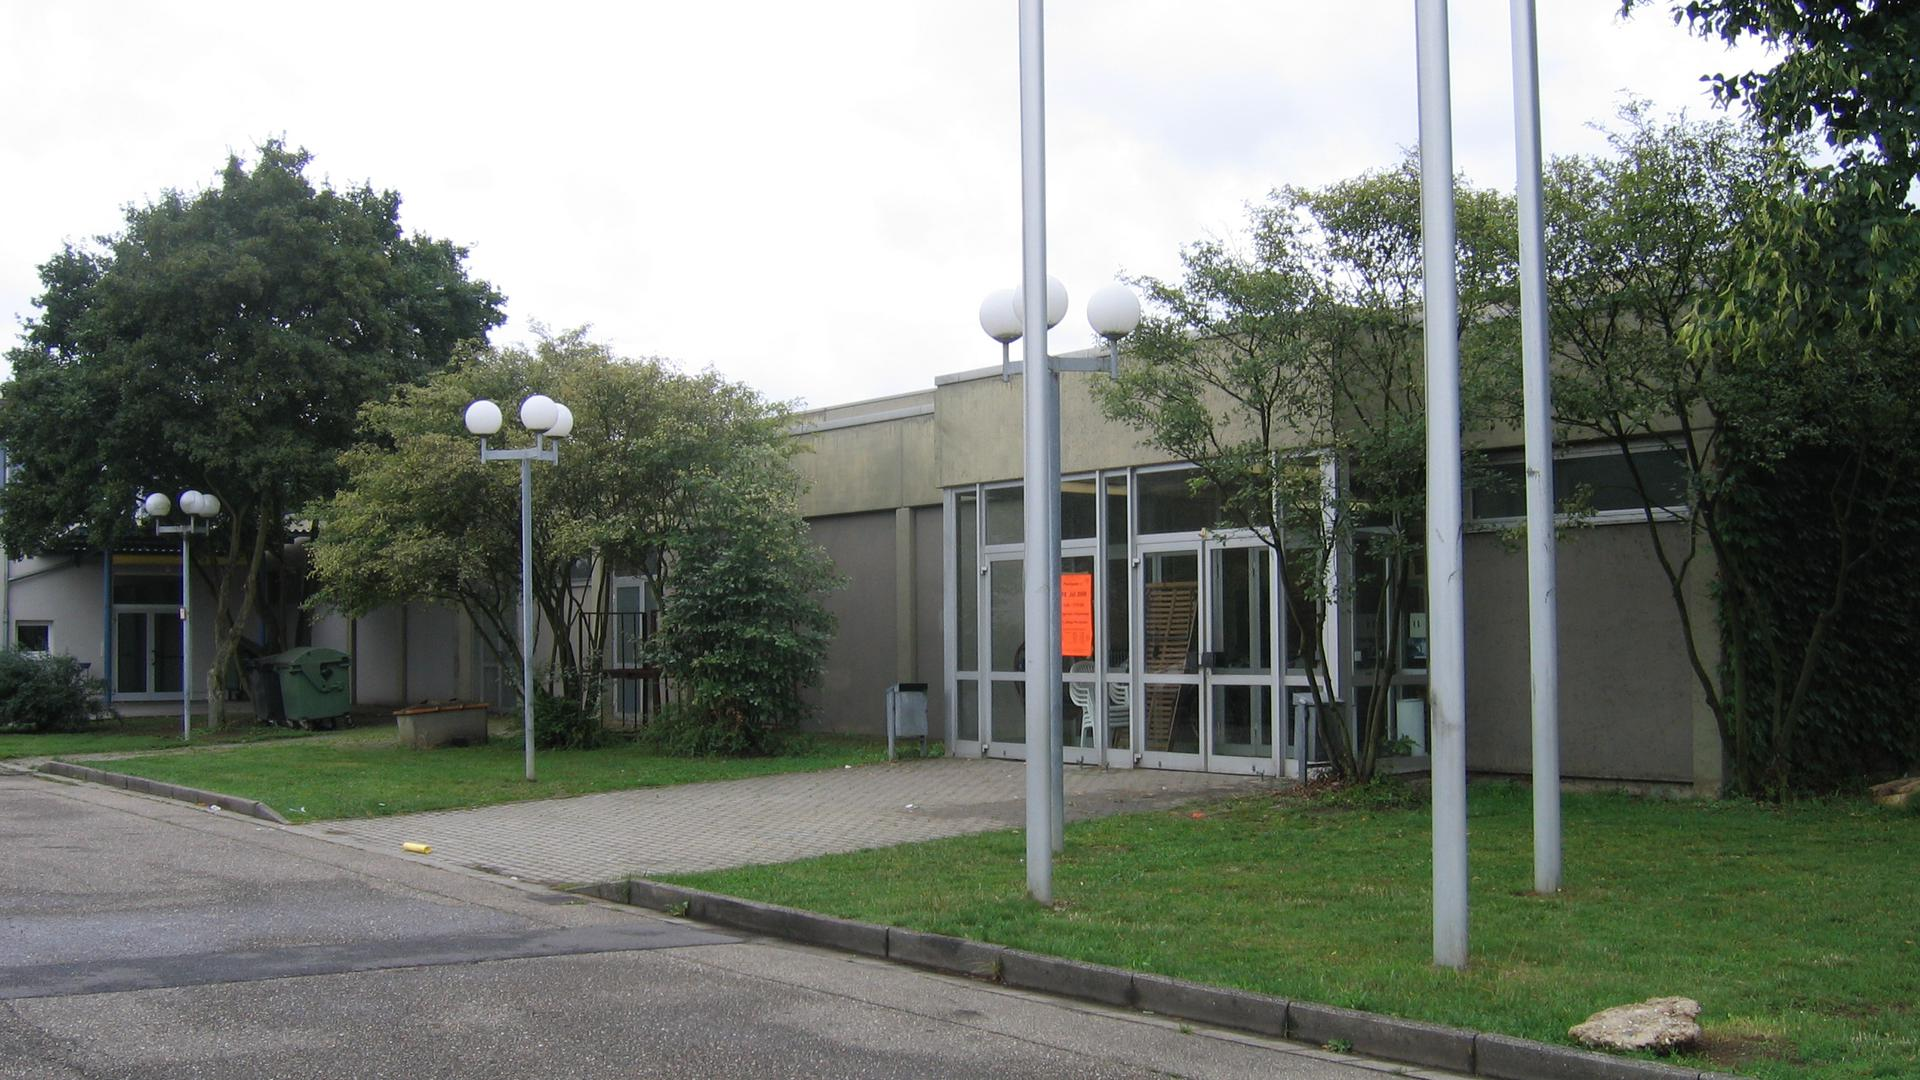 Der Messerangriff ereignete sich auf einem Parkplatz vor der Bürgerhalle in Ettlingenweier.